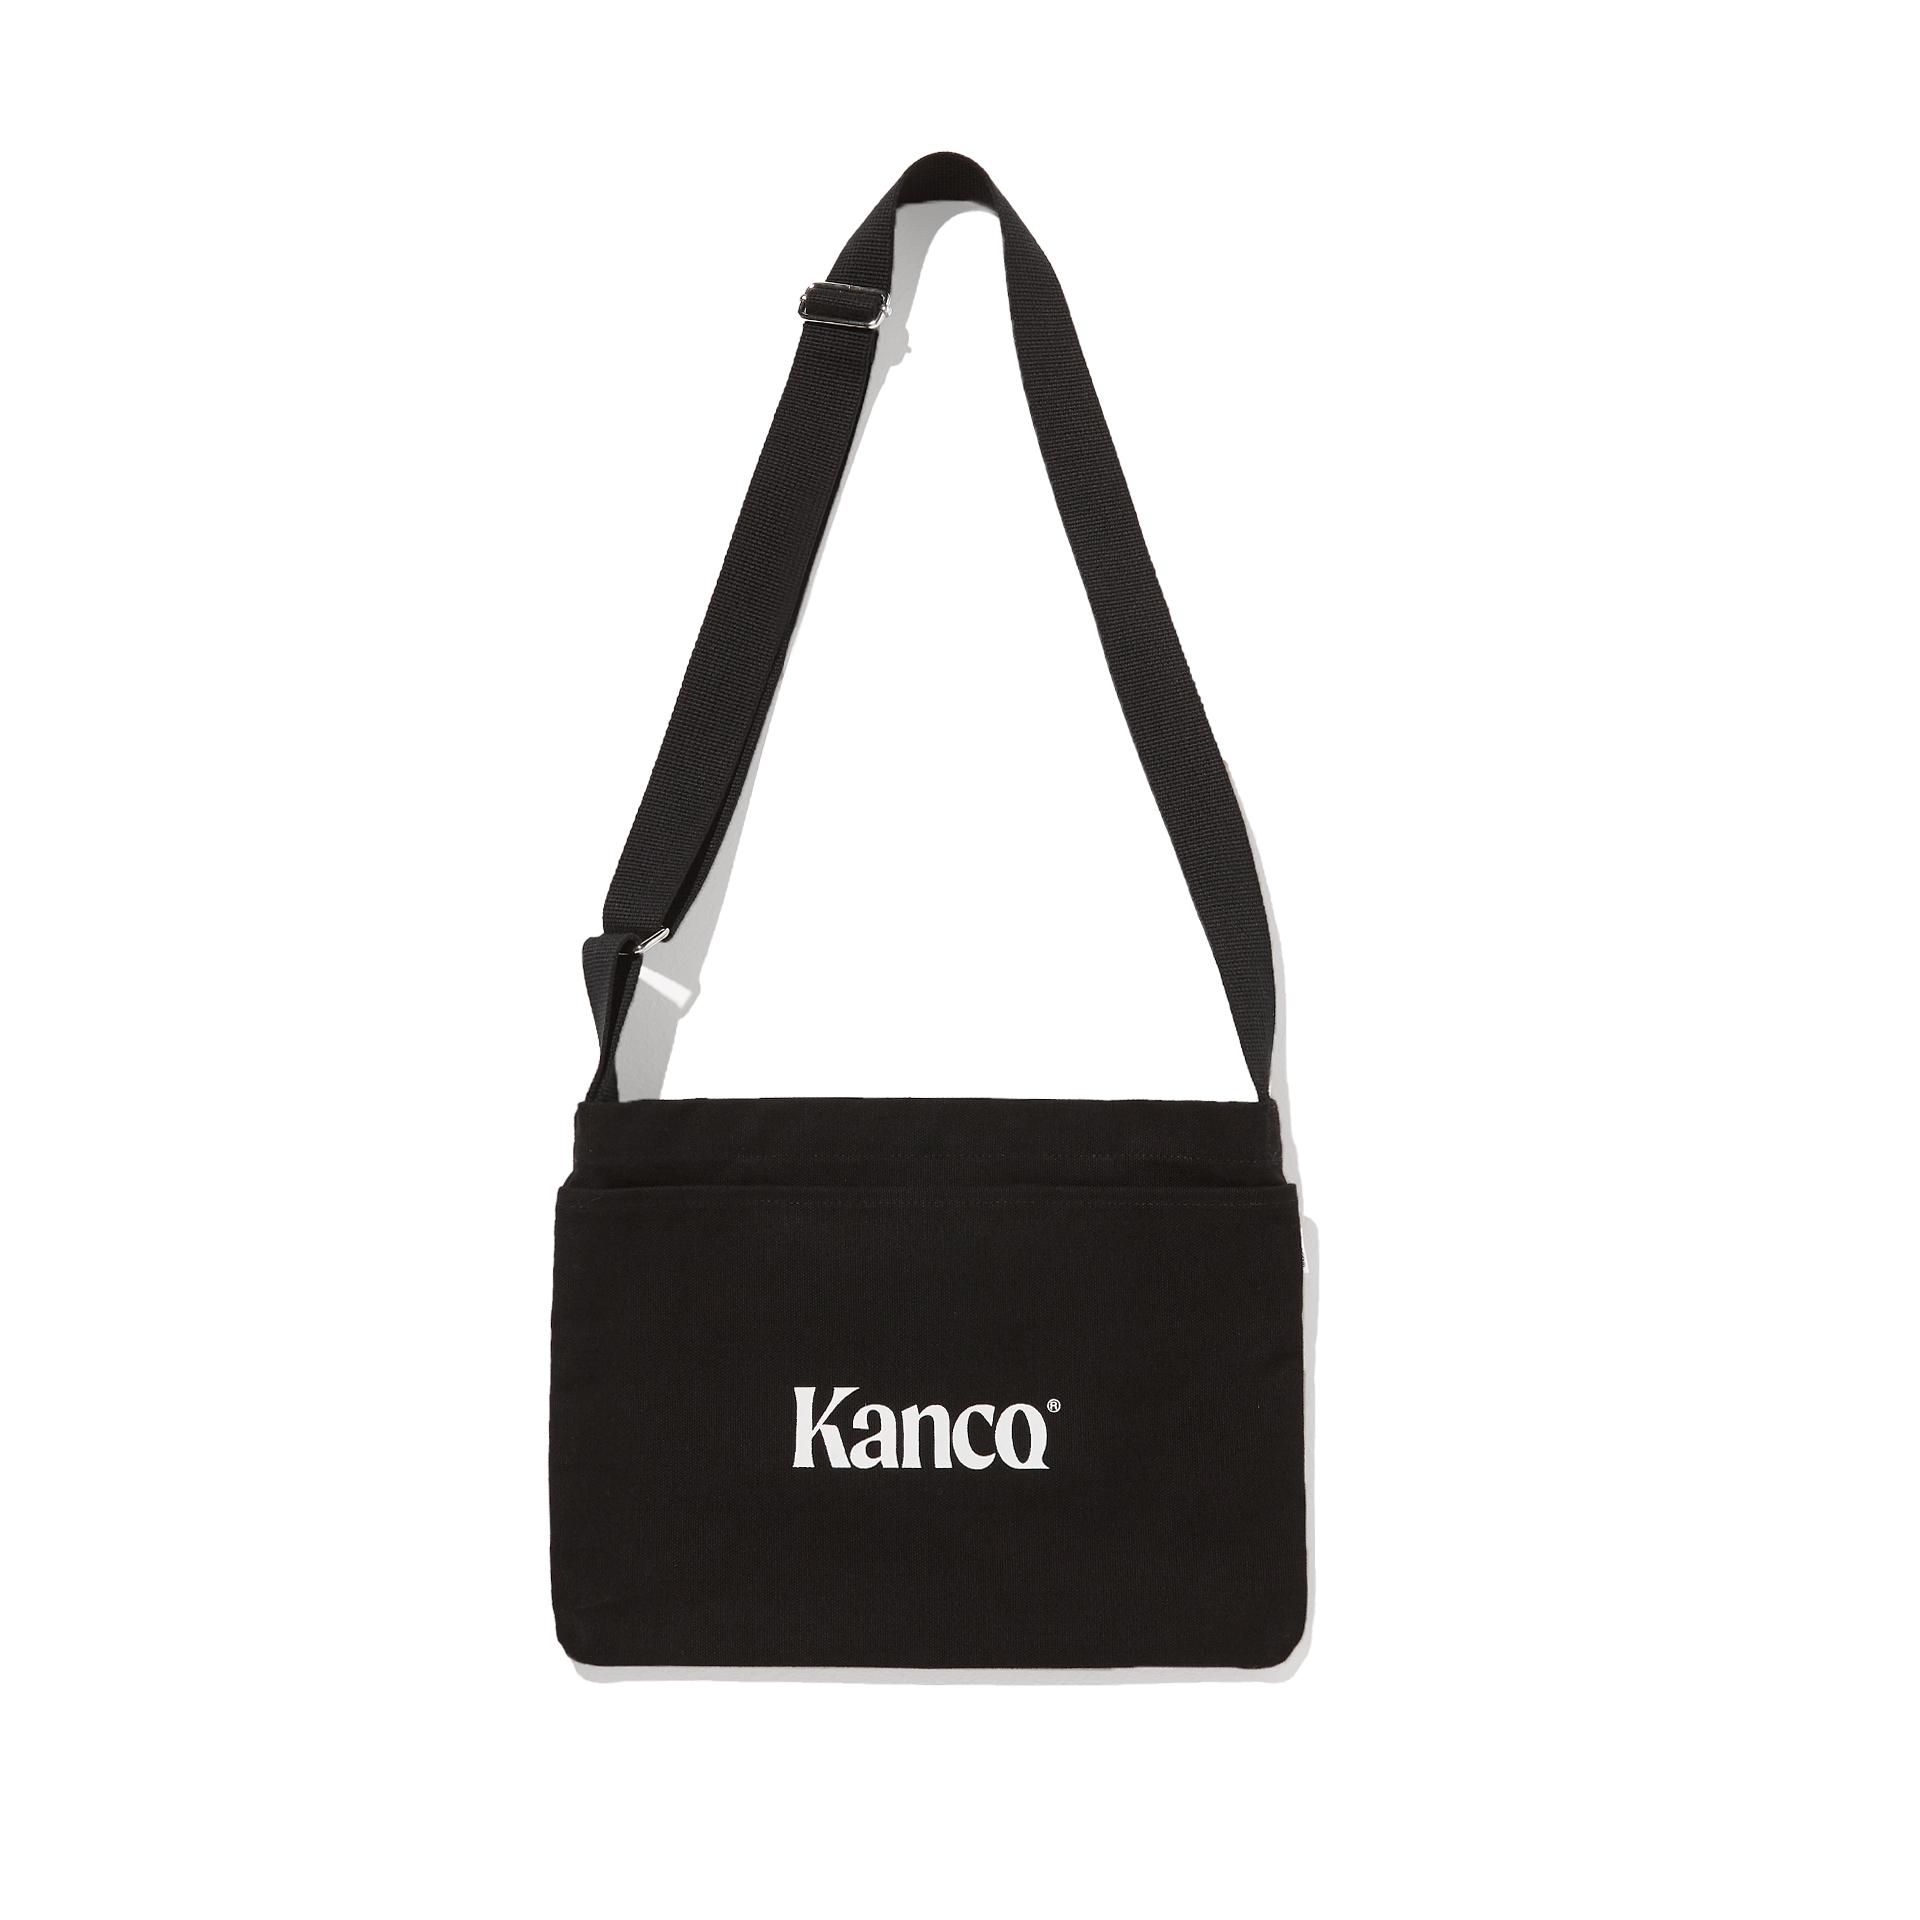 칸코(KANCO) KANCO CANVAS 3WAY CROSS BAG black